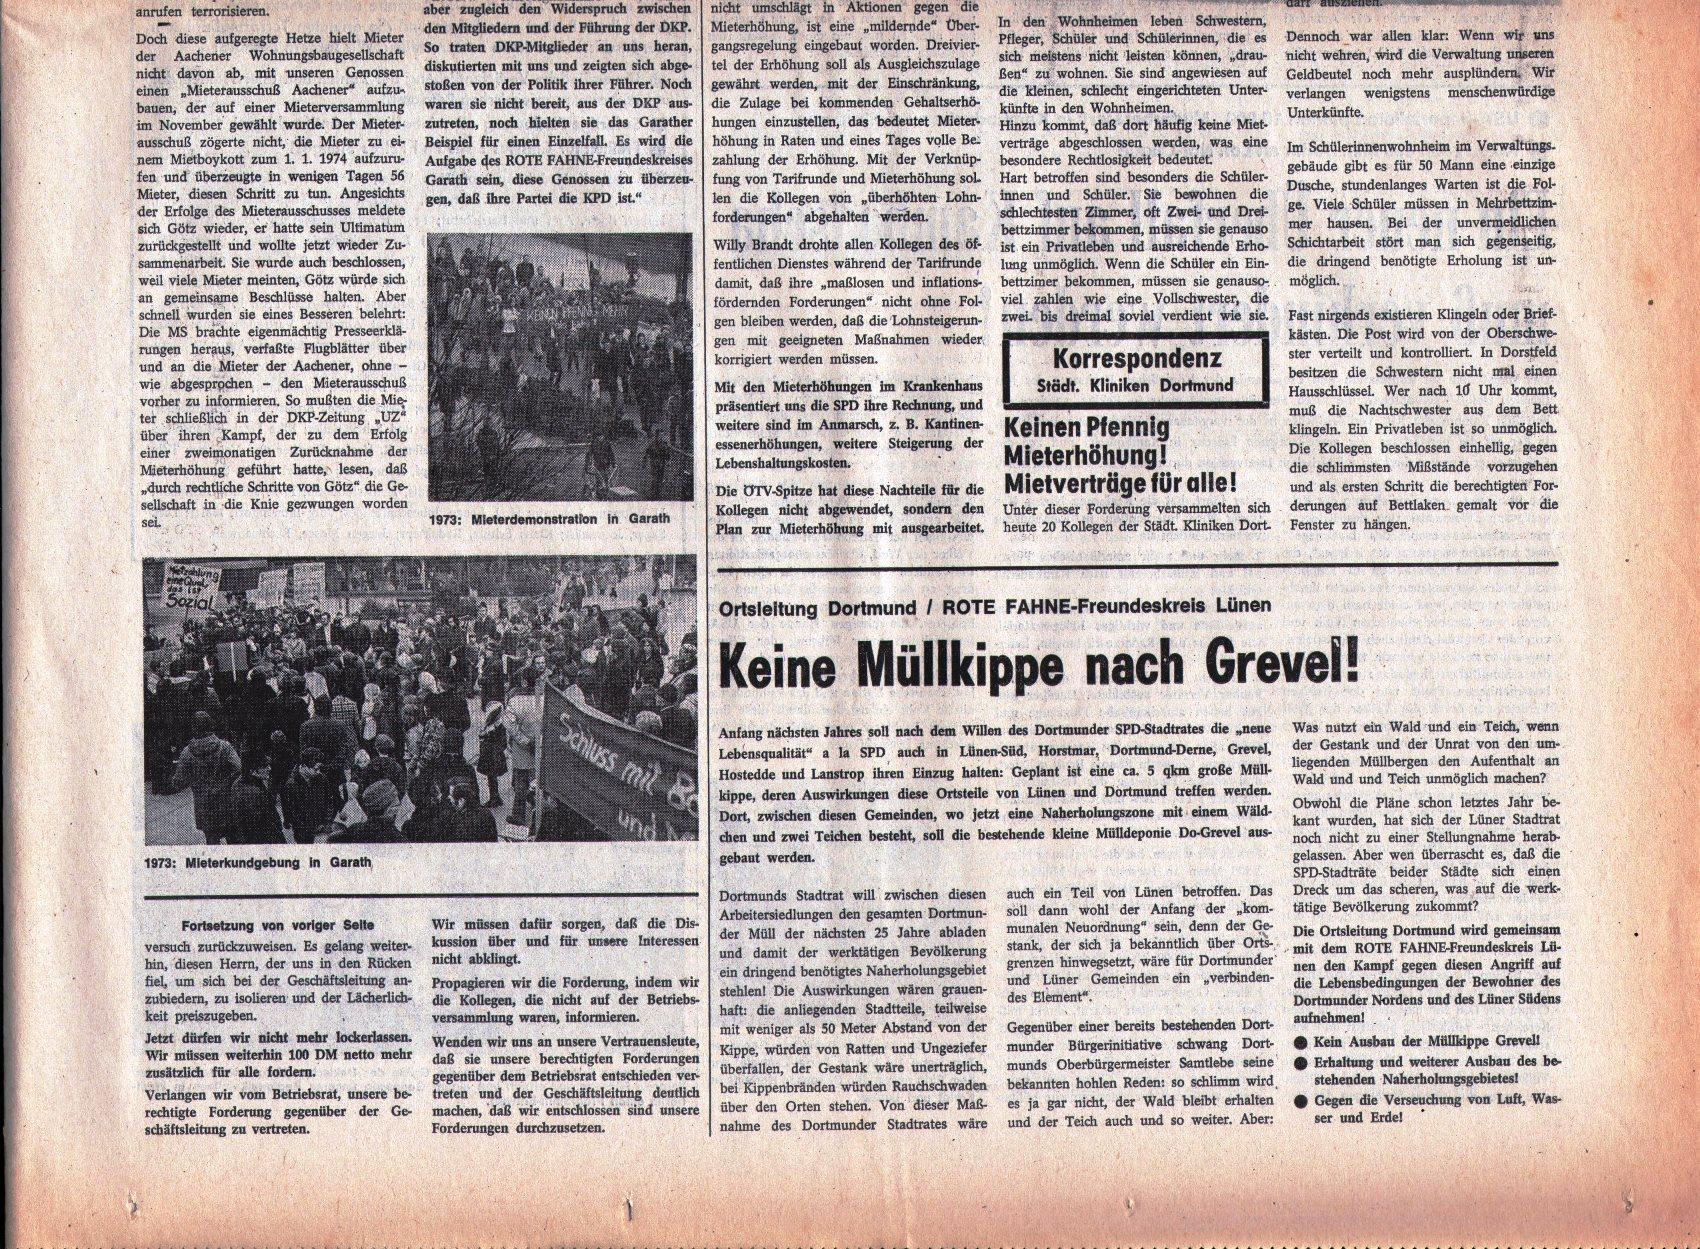 KPD_Rote_Fahne_1974_15_10